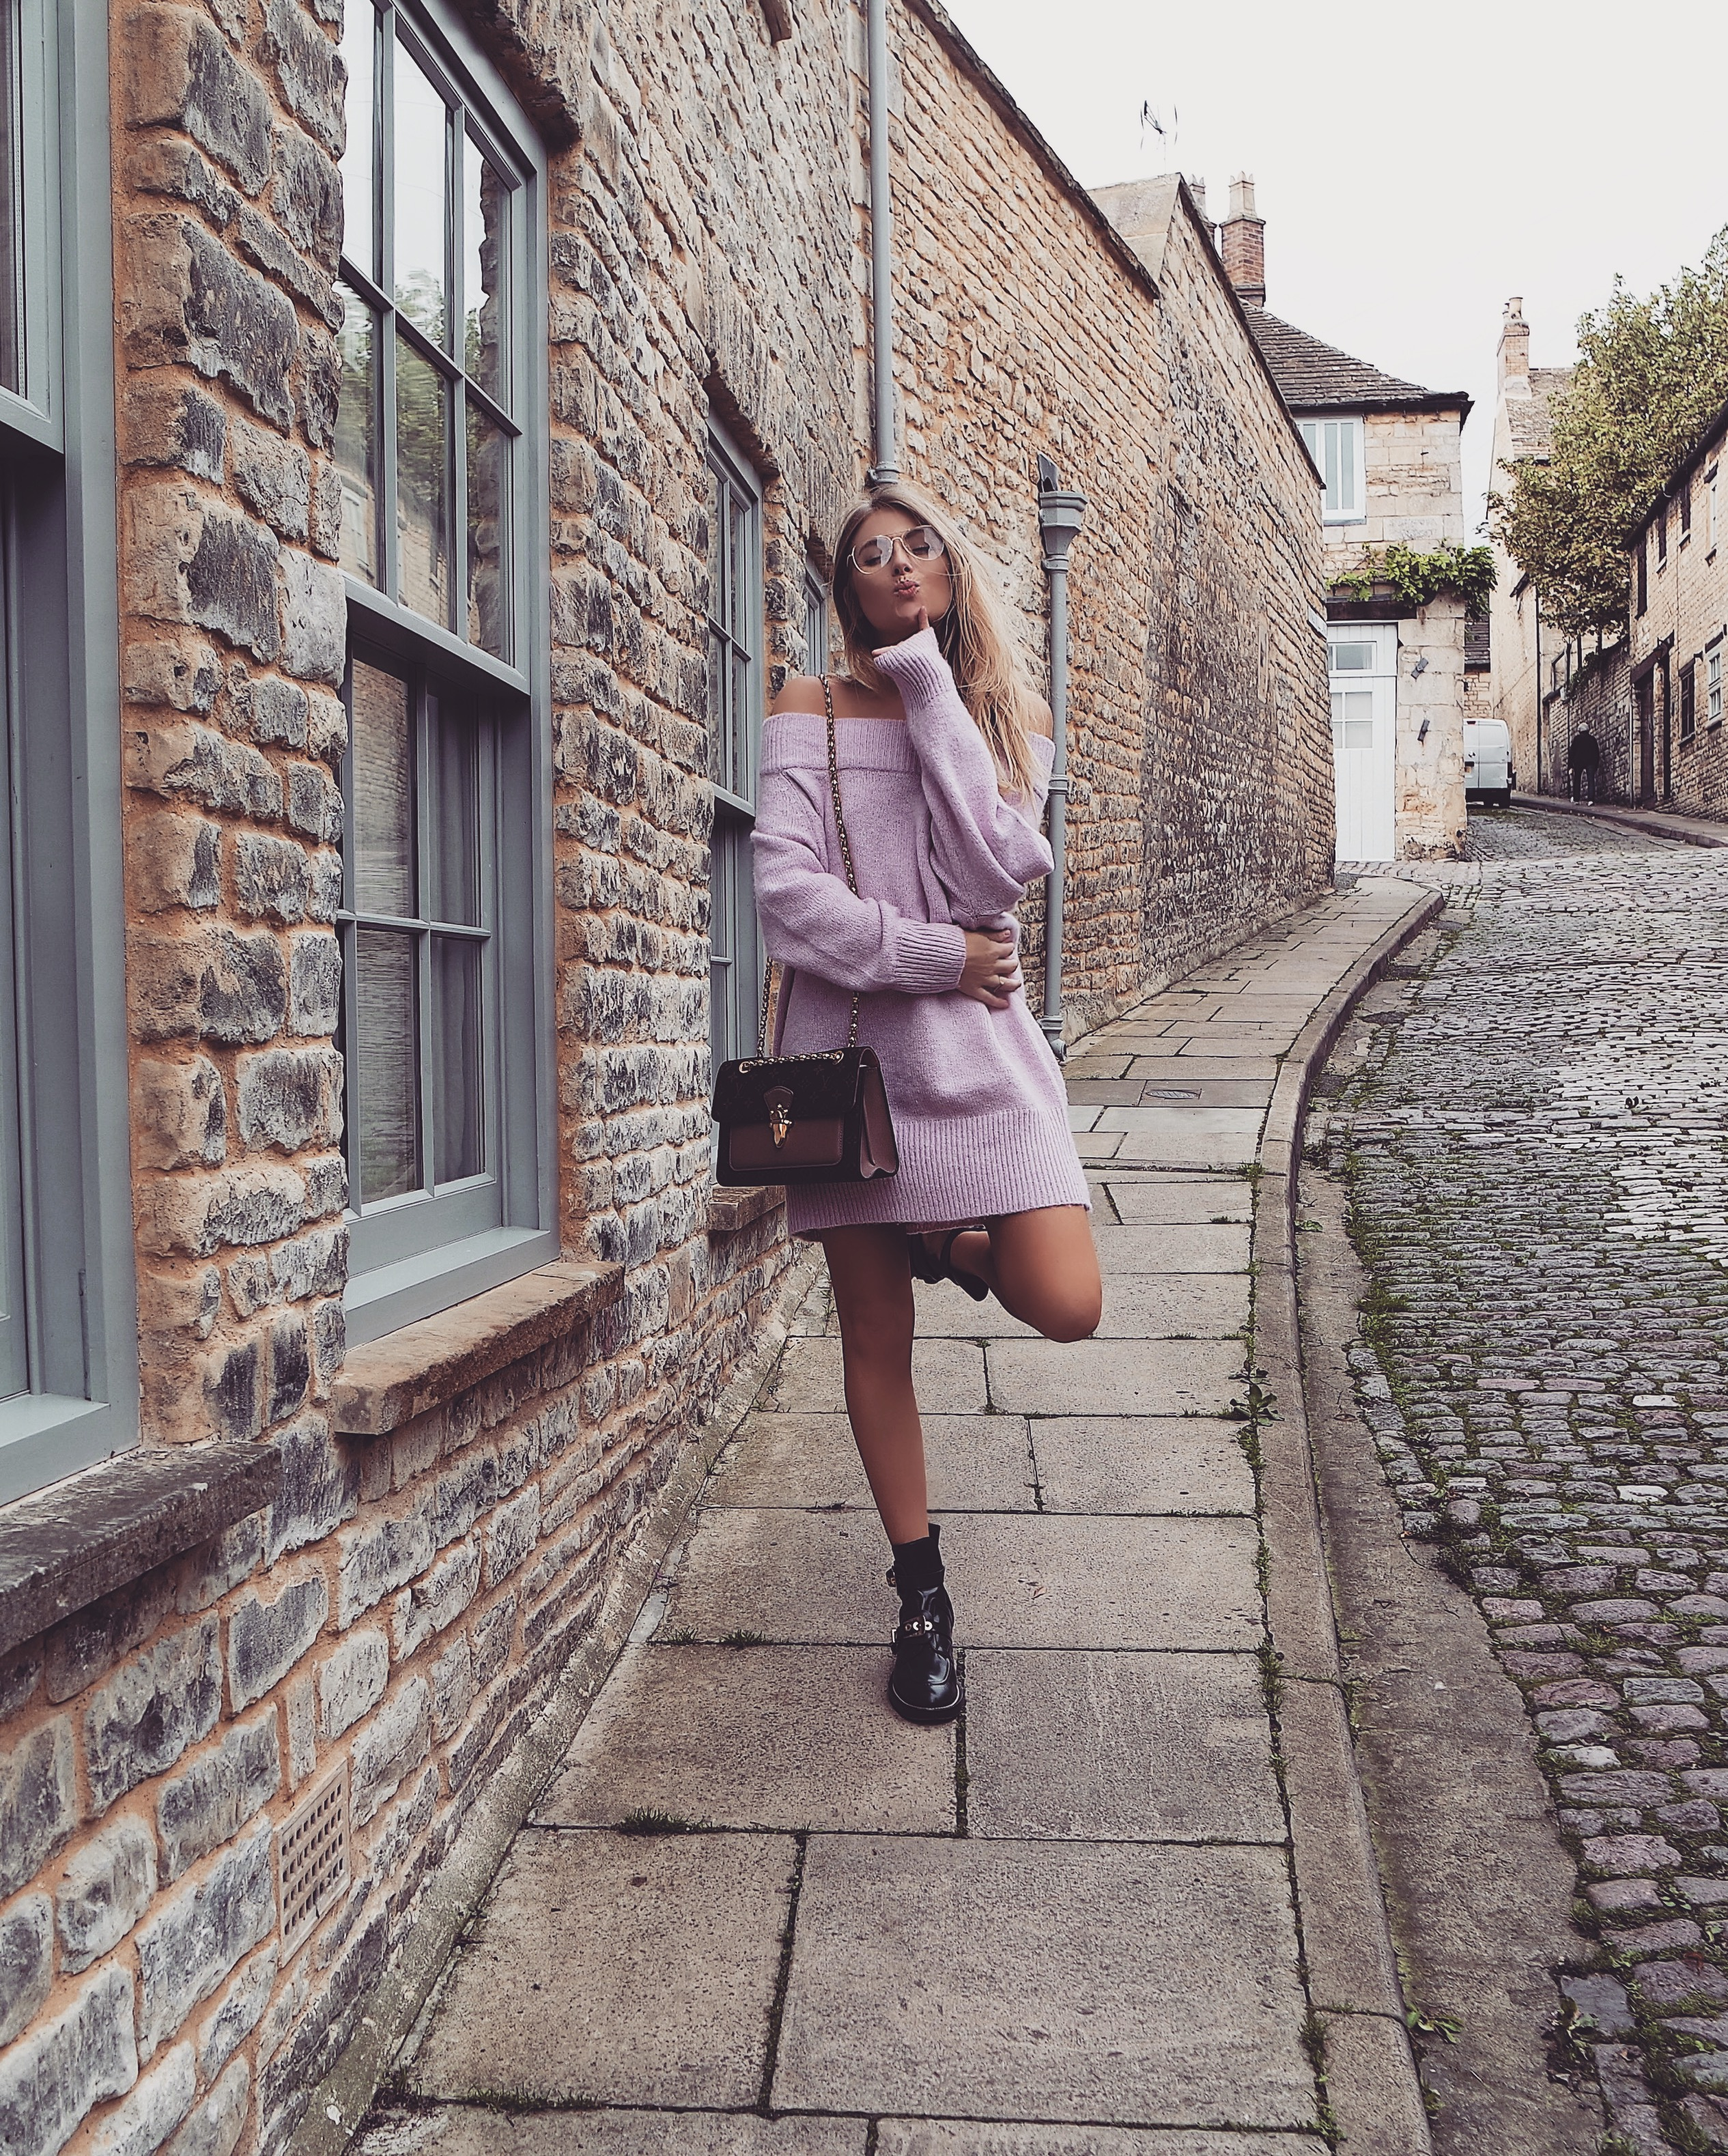 Jumper Dress - Louis Vuitton Victoire - Fashon Blogger Sinead Crowe